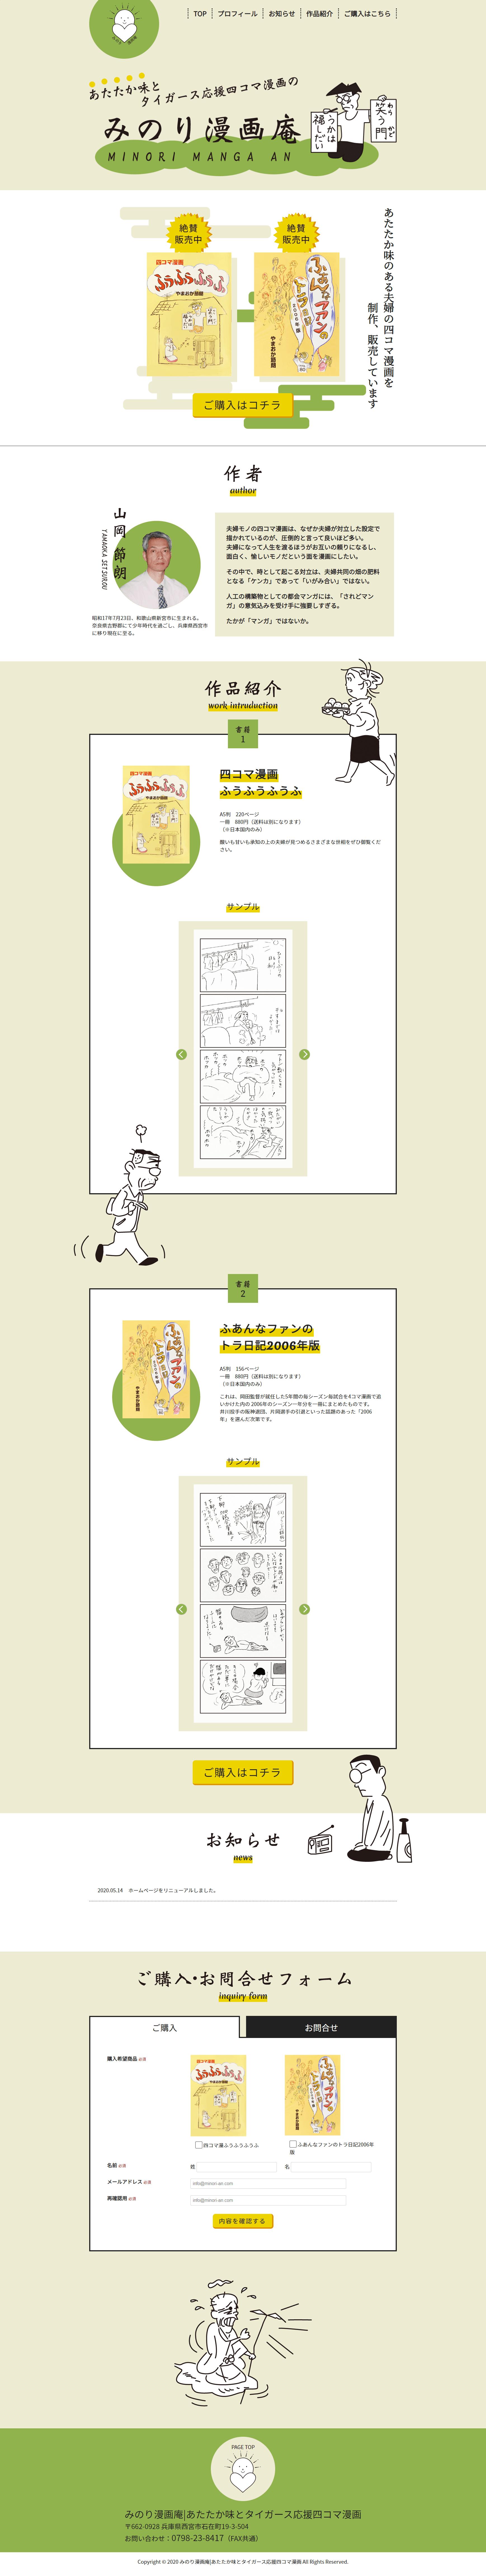 キャプチャ写真:みのり漫画庵 様